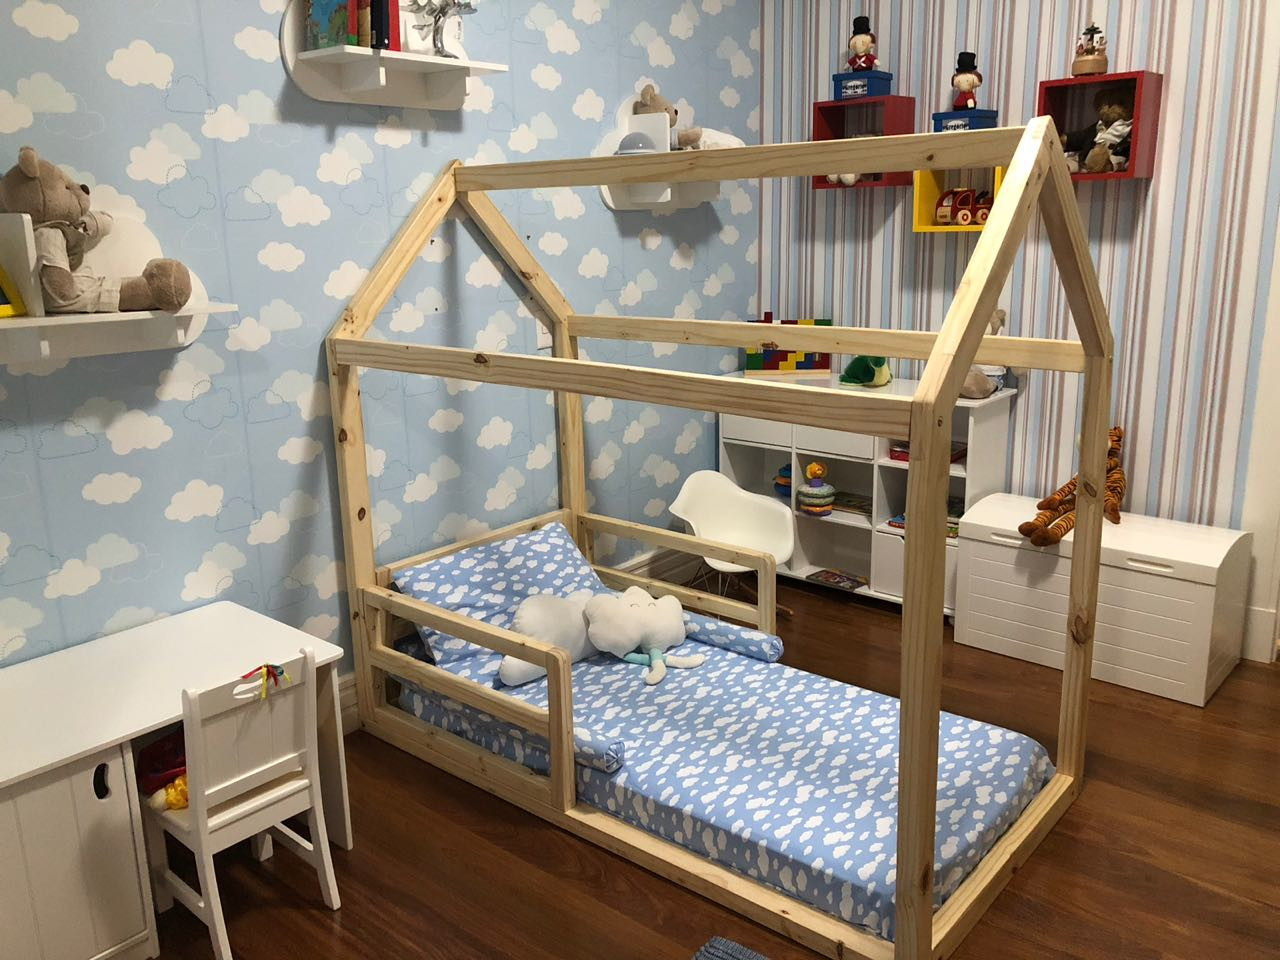 4cc1497fcf Cama Casinha Proteção Lateral - Colchão Infantil 150x70cm no Elo7 ...